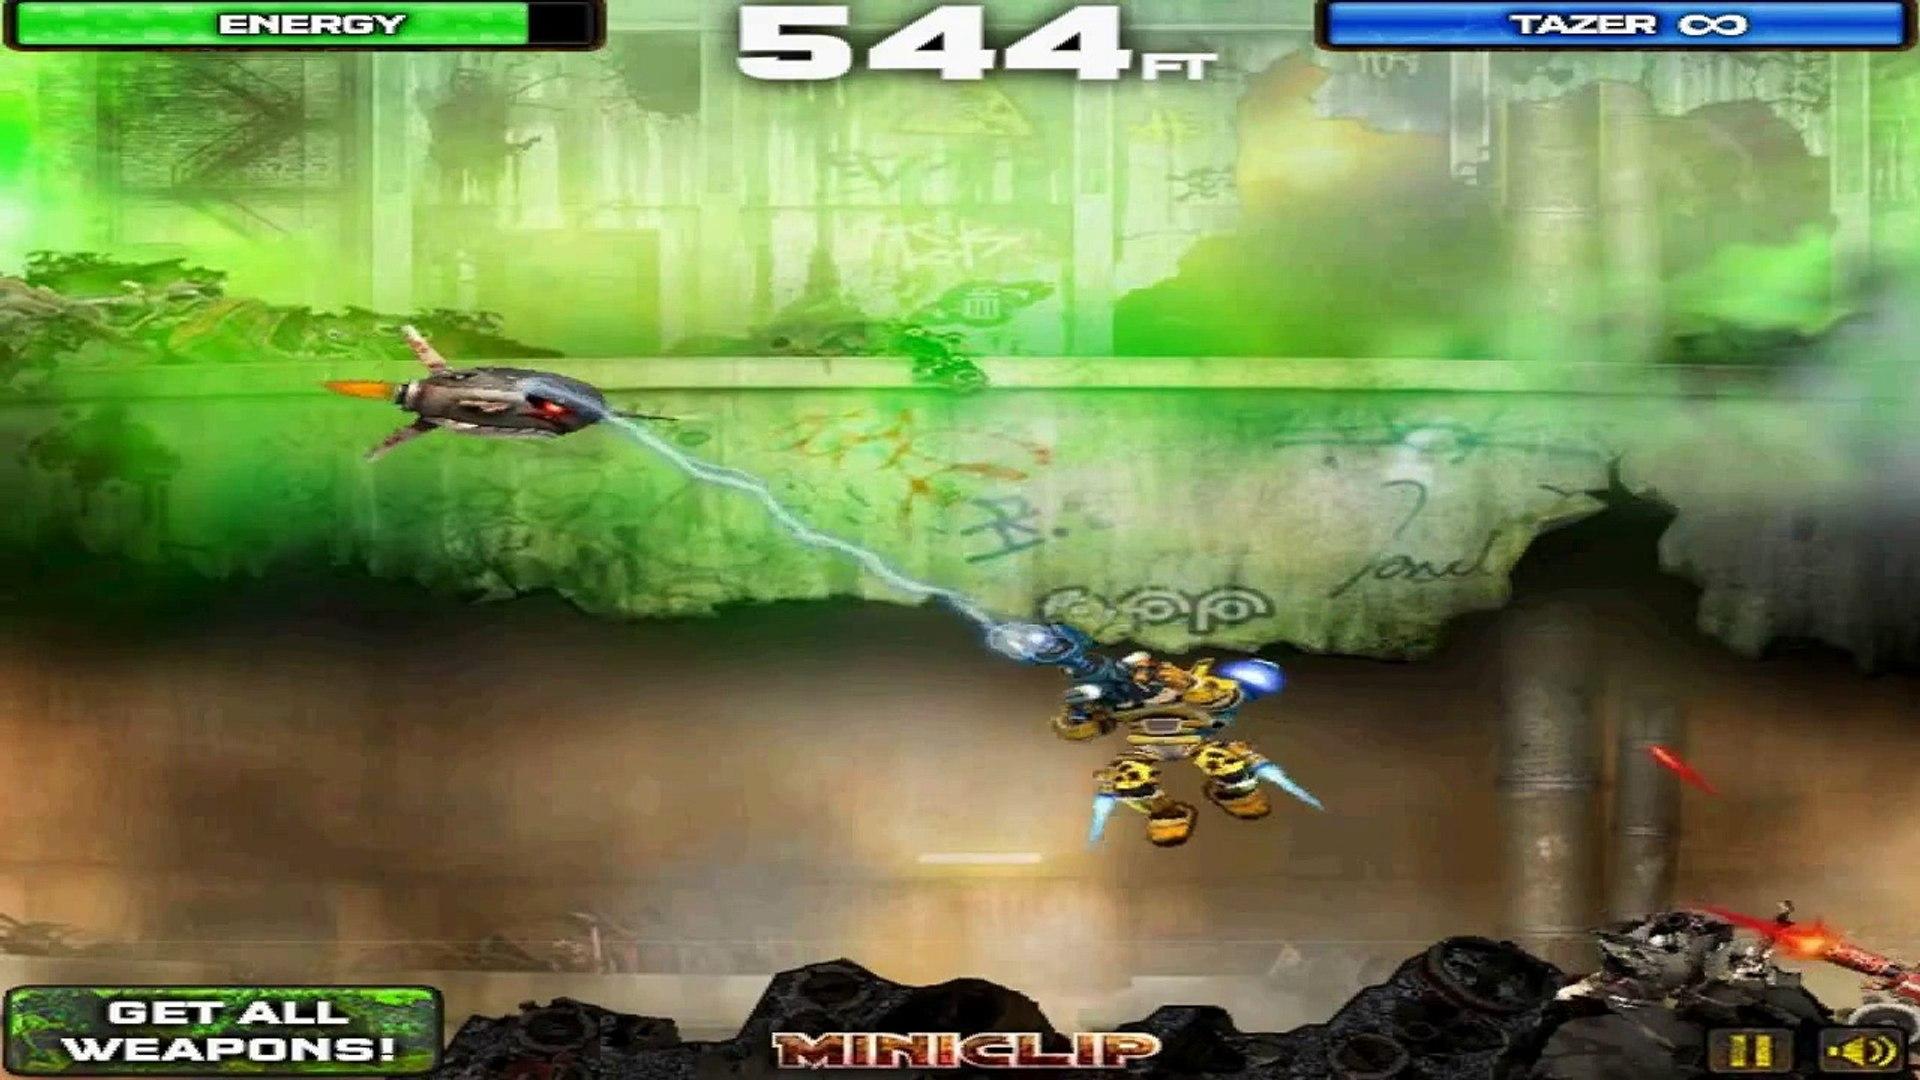 машинки, робот солдат разрушитель # 2 игра бесплатно онлайн